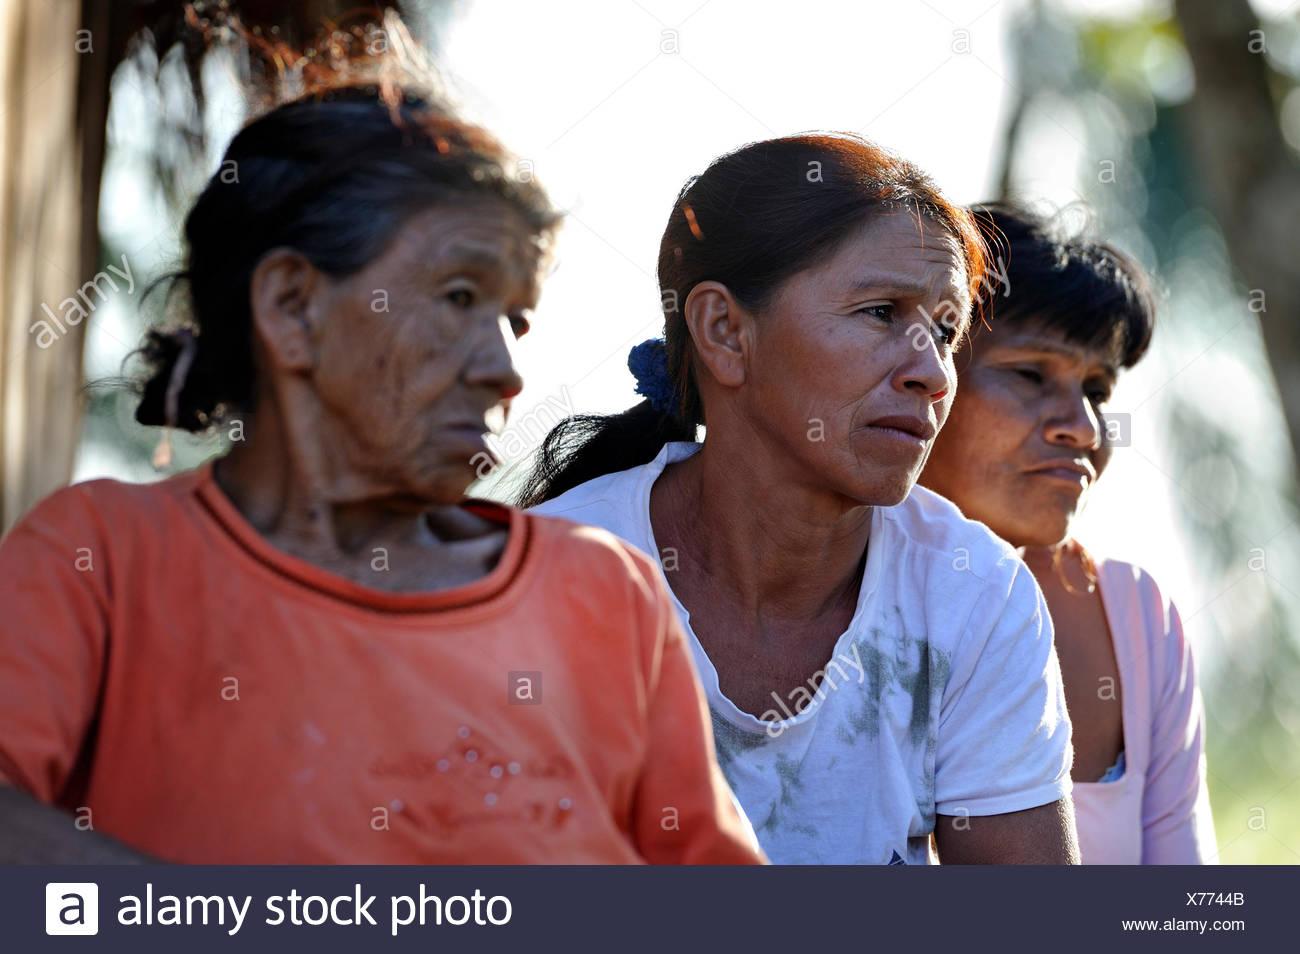 Drei Frauen mit besorgt Mimik, in einer Gemeinschaft von Guarani-Indianer, Jaguary, Caaguazu Abteilung, Paraguay Stockbild